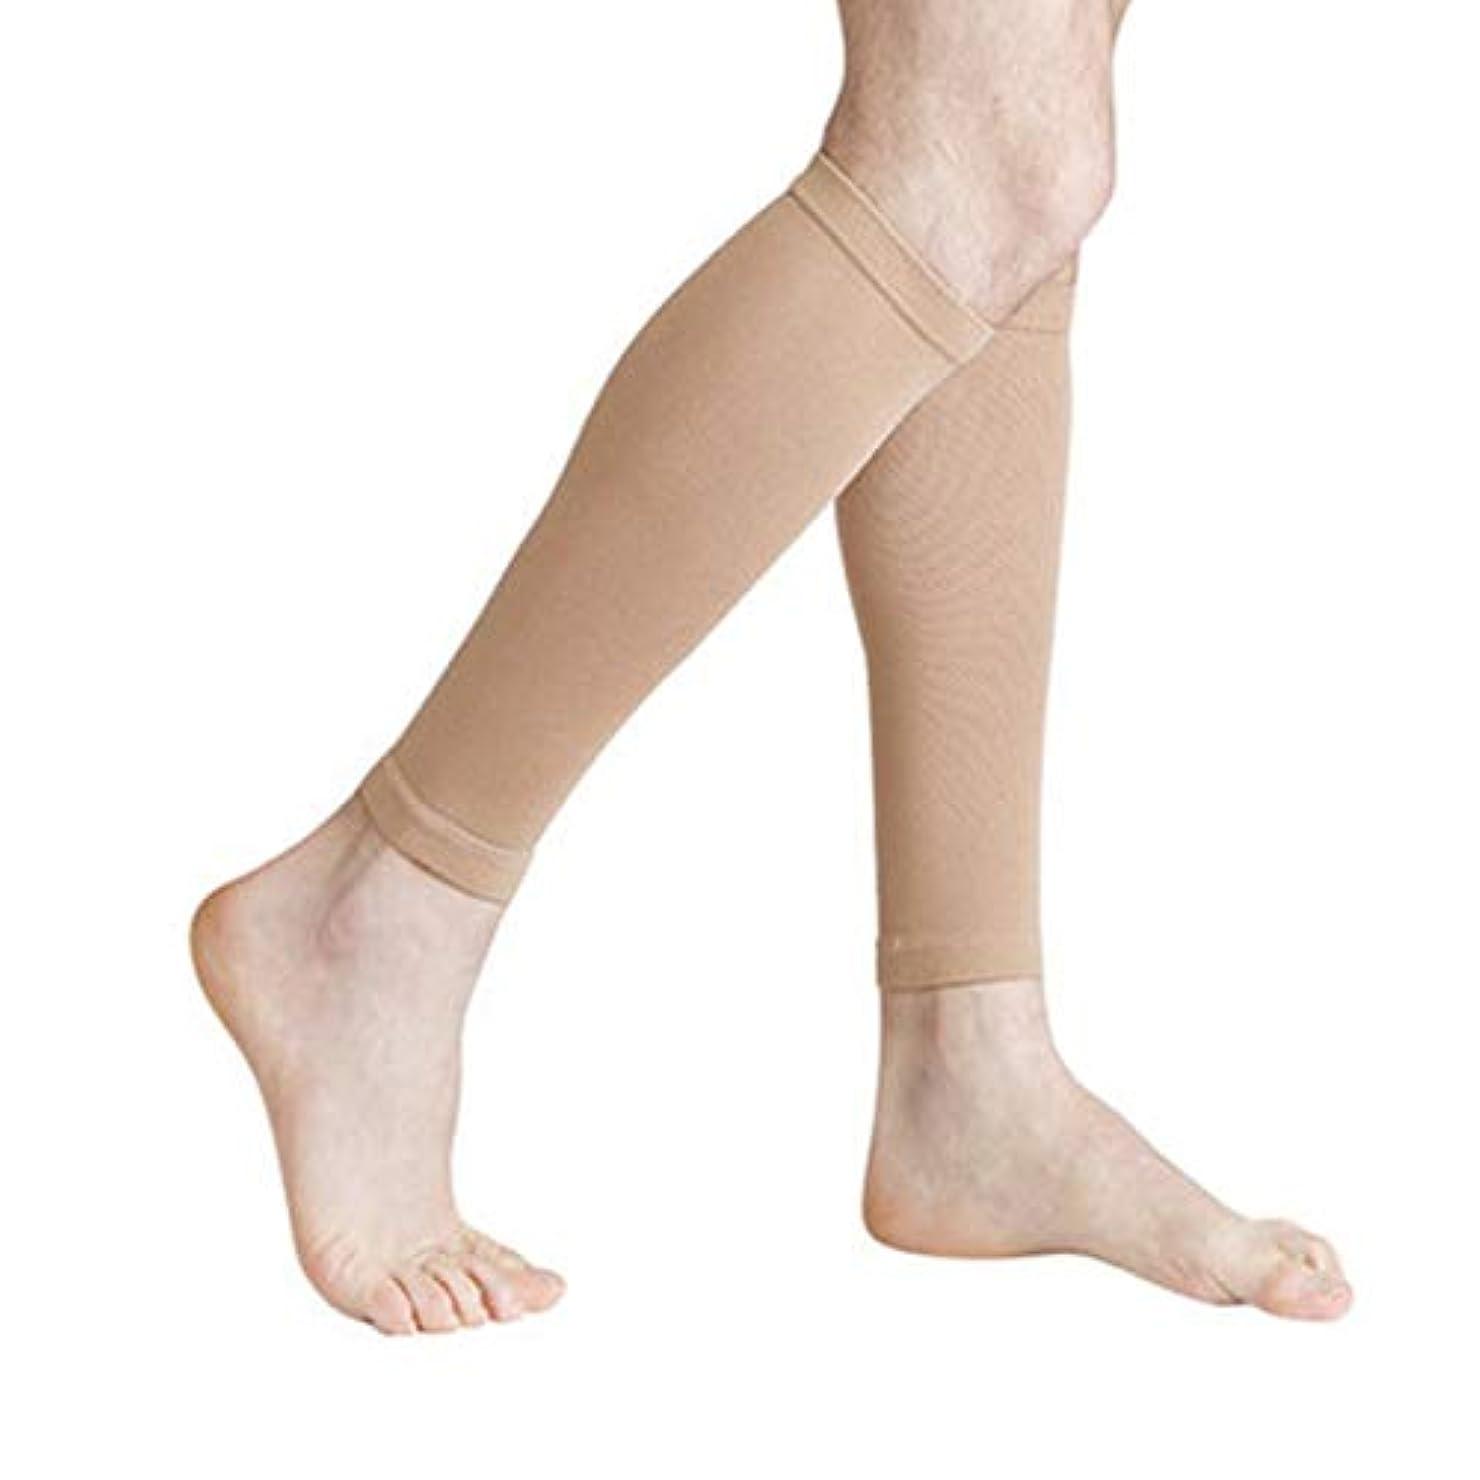 投票カプセル散歩丈夫な男性女性プロの圧縮靴下通気性のある旅行活動看護師用シンススプリントフライトトラベル - ブラック